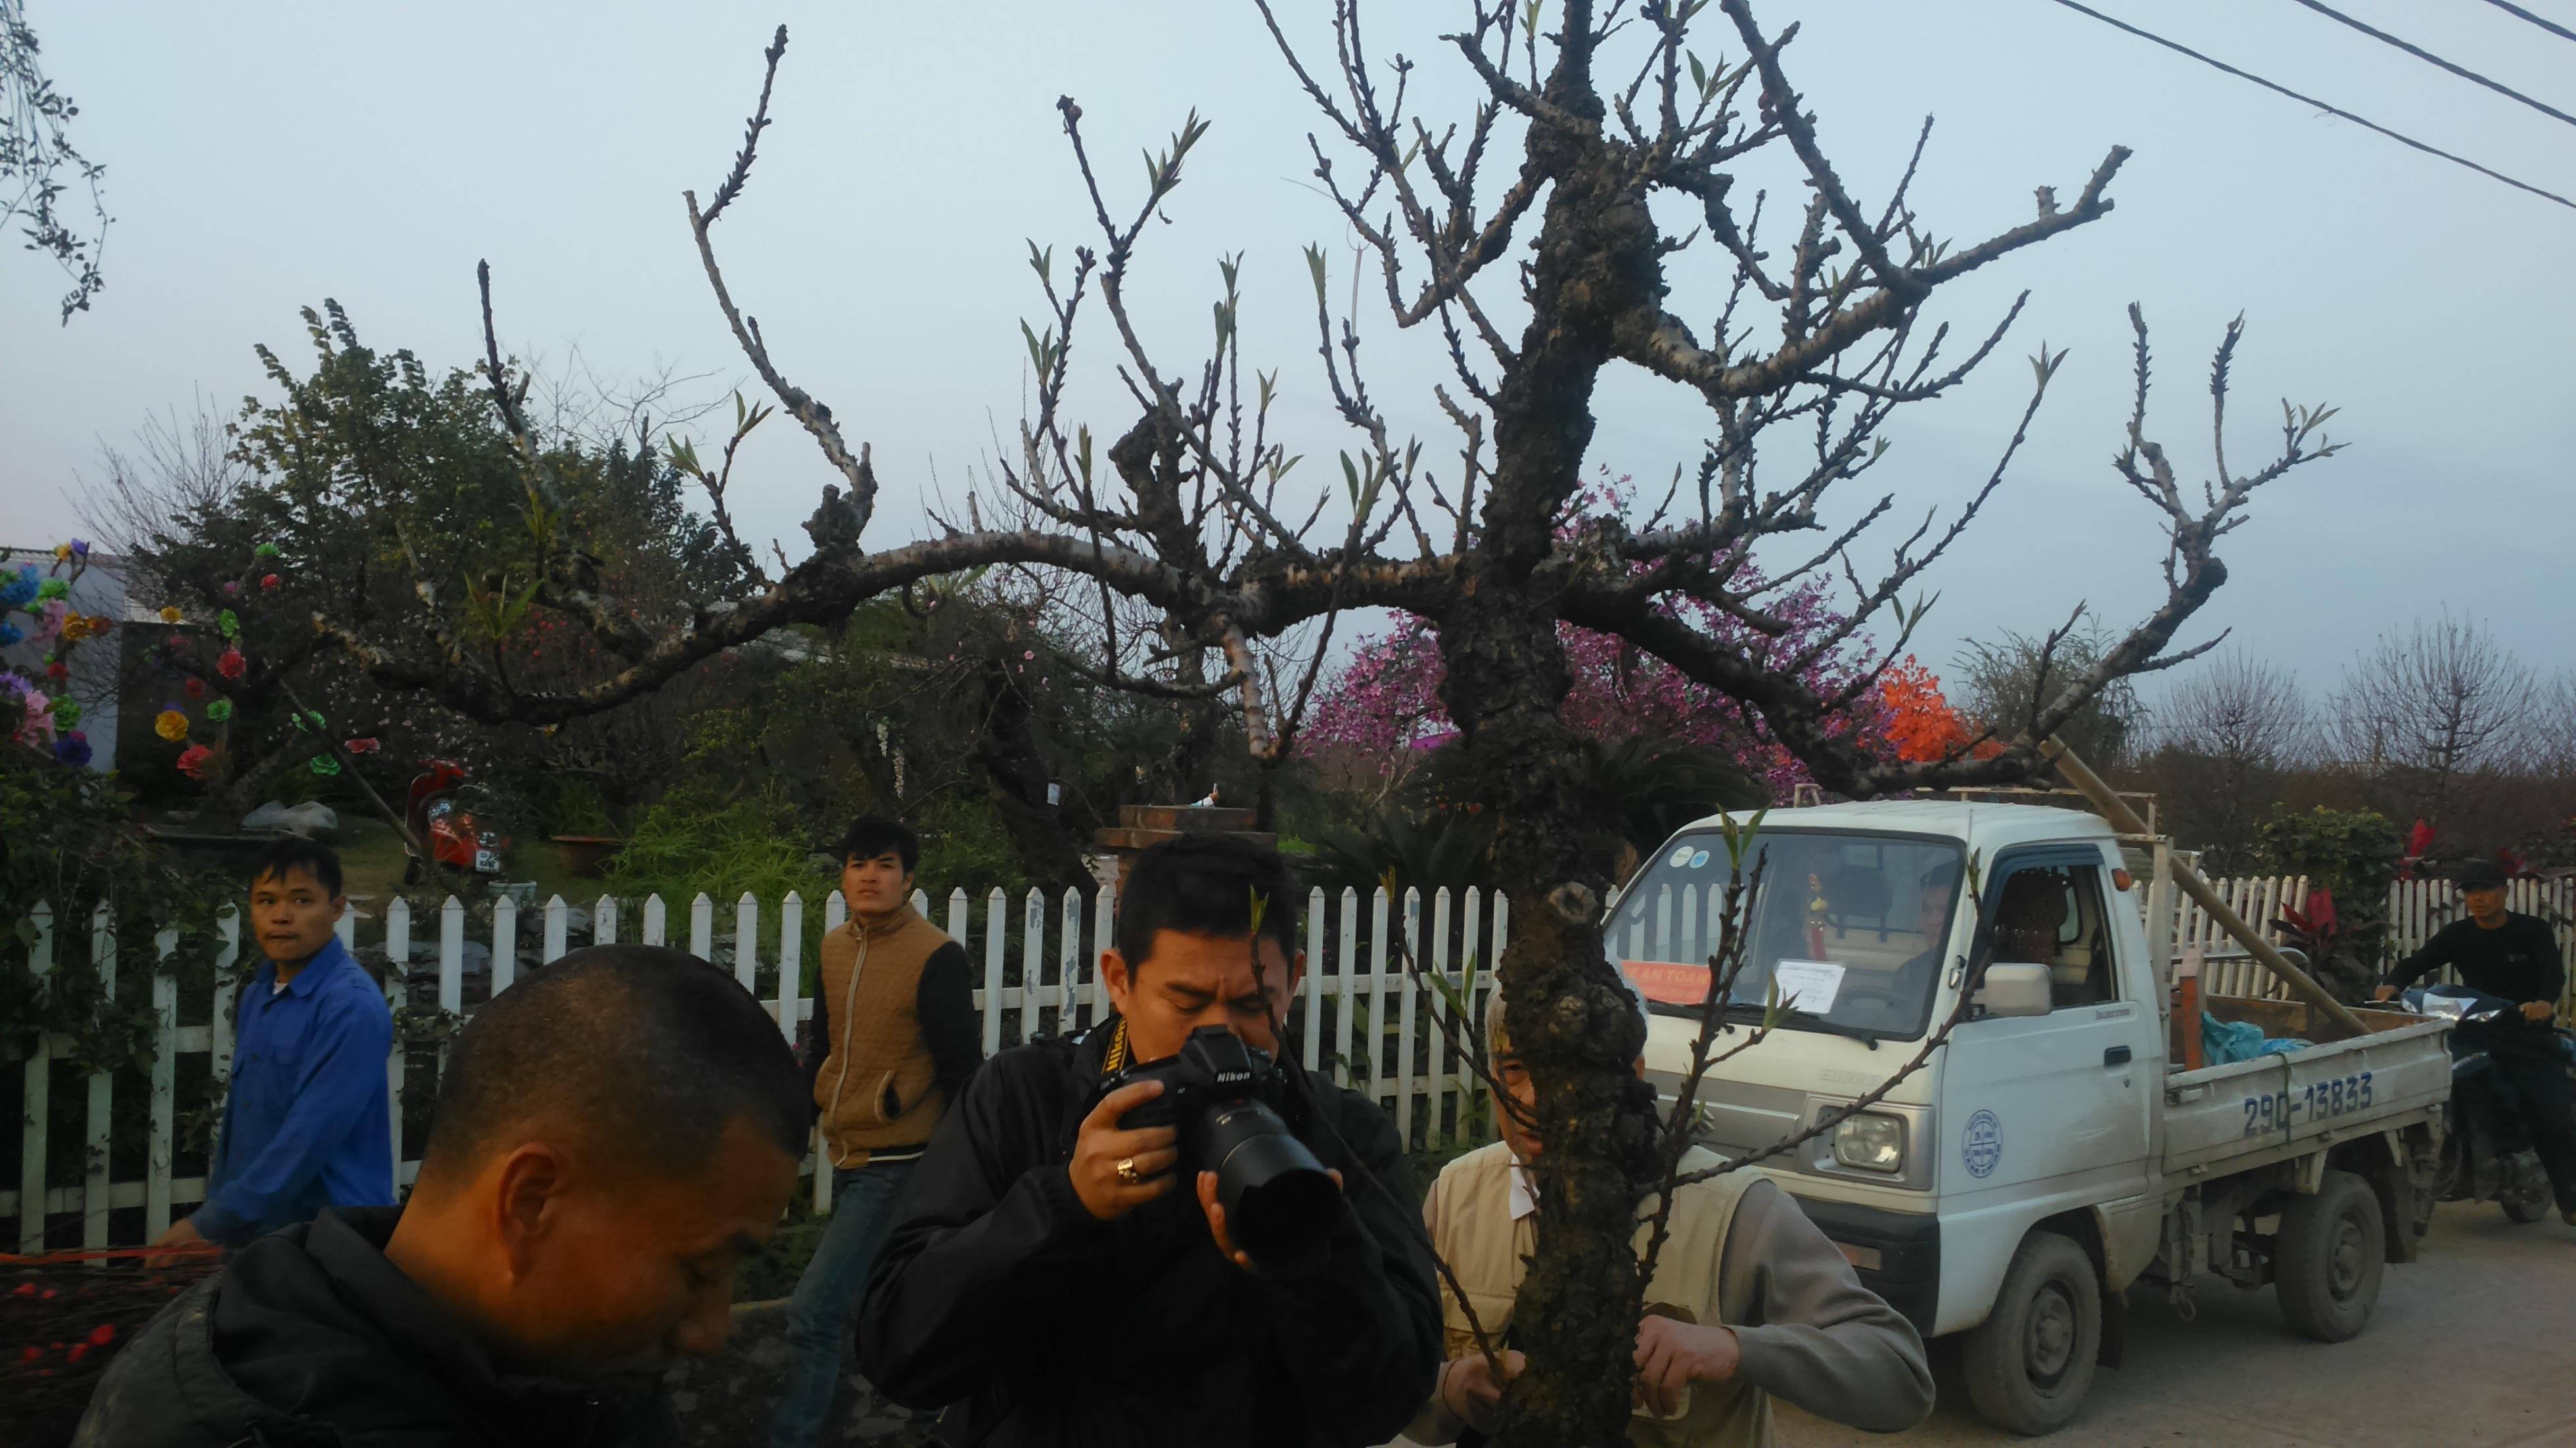 Trong buổi sáng, rất nhiều cây đào tiến vua giá chục triệu được xuất vườn cho đại gia chơi Tết. Rất nhiều thợ nhiếp ảnh, phóng viên đã đến vườn đào tiền tỷ để chụp cận cảnh những cây đào độc, lạ